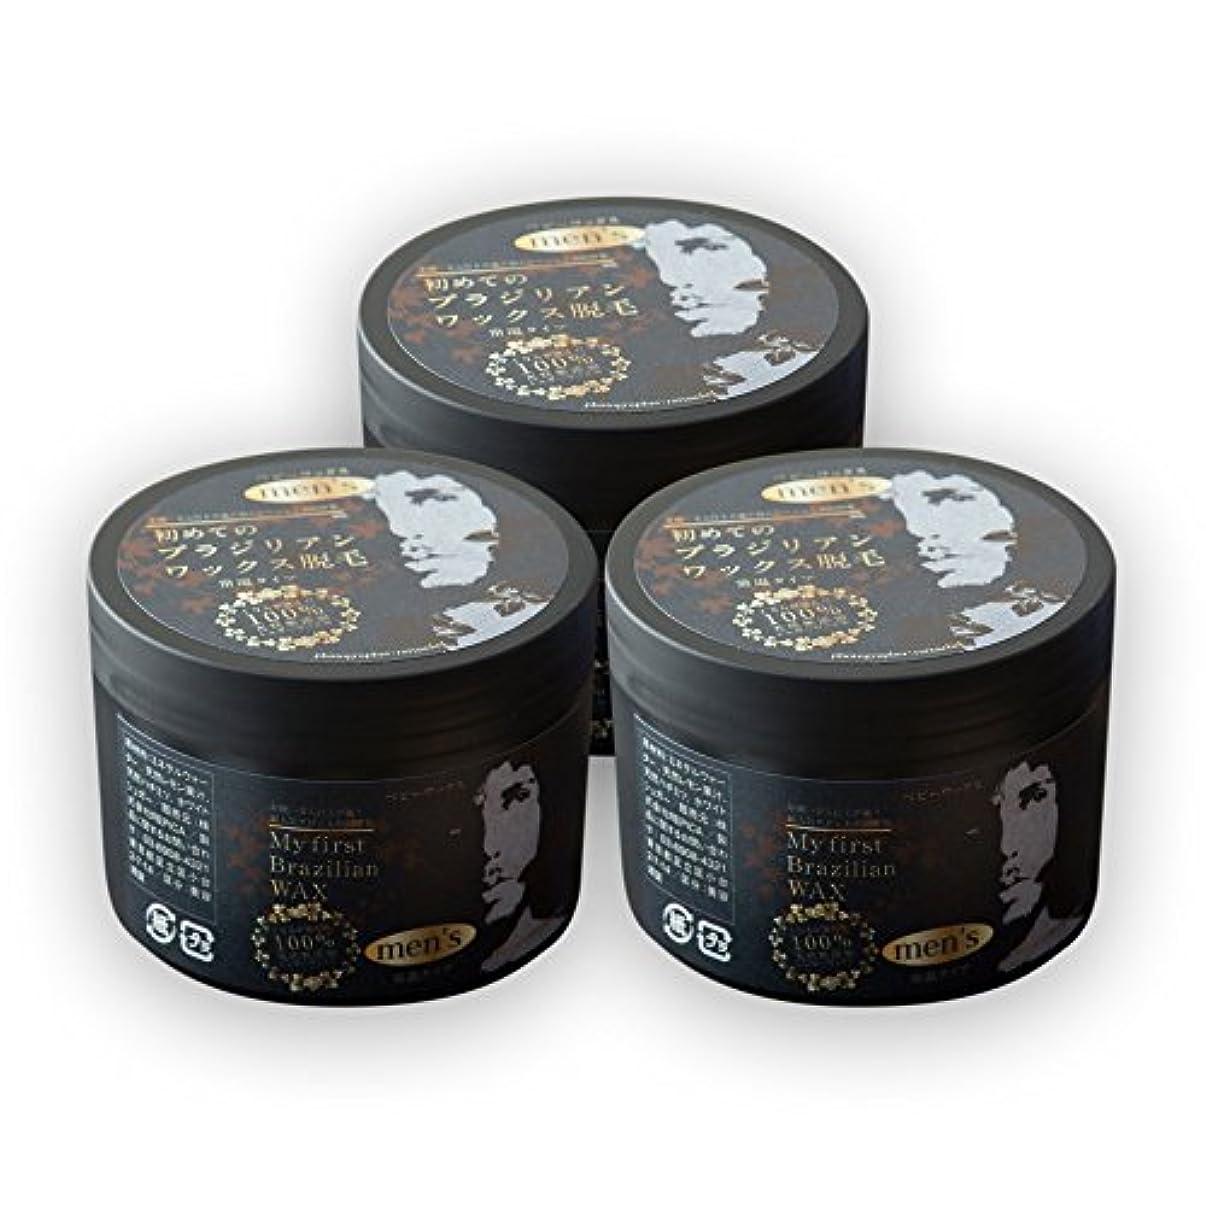 離婚敬スタウト【単品】メンズ専 ブラジリアンワックス BABY WAX 専門サロンの初めてのブラジリアンワックス脱毛【100%国産無添加】 (3個セット)